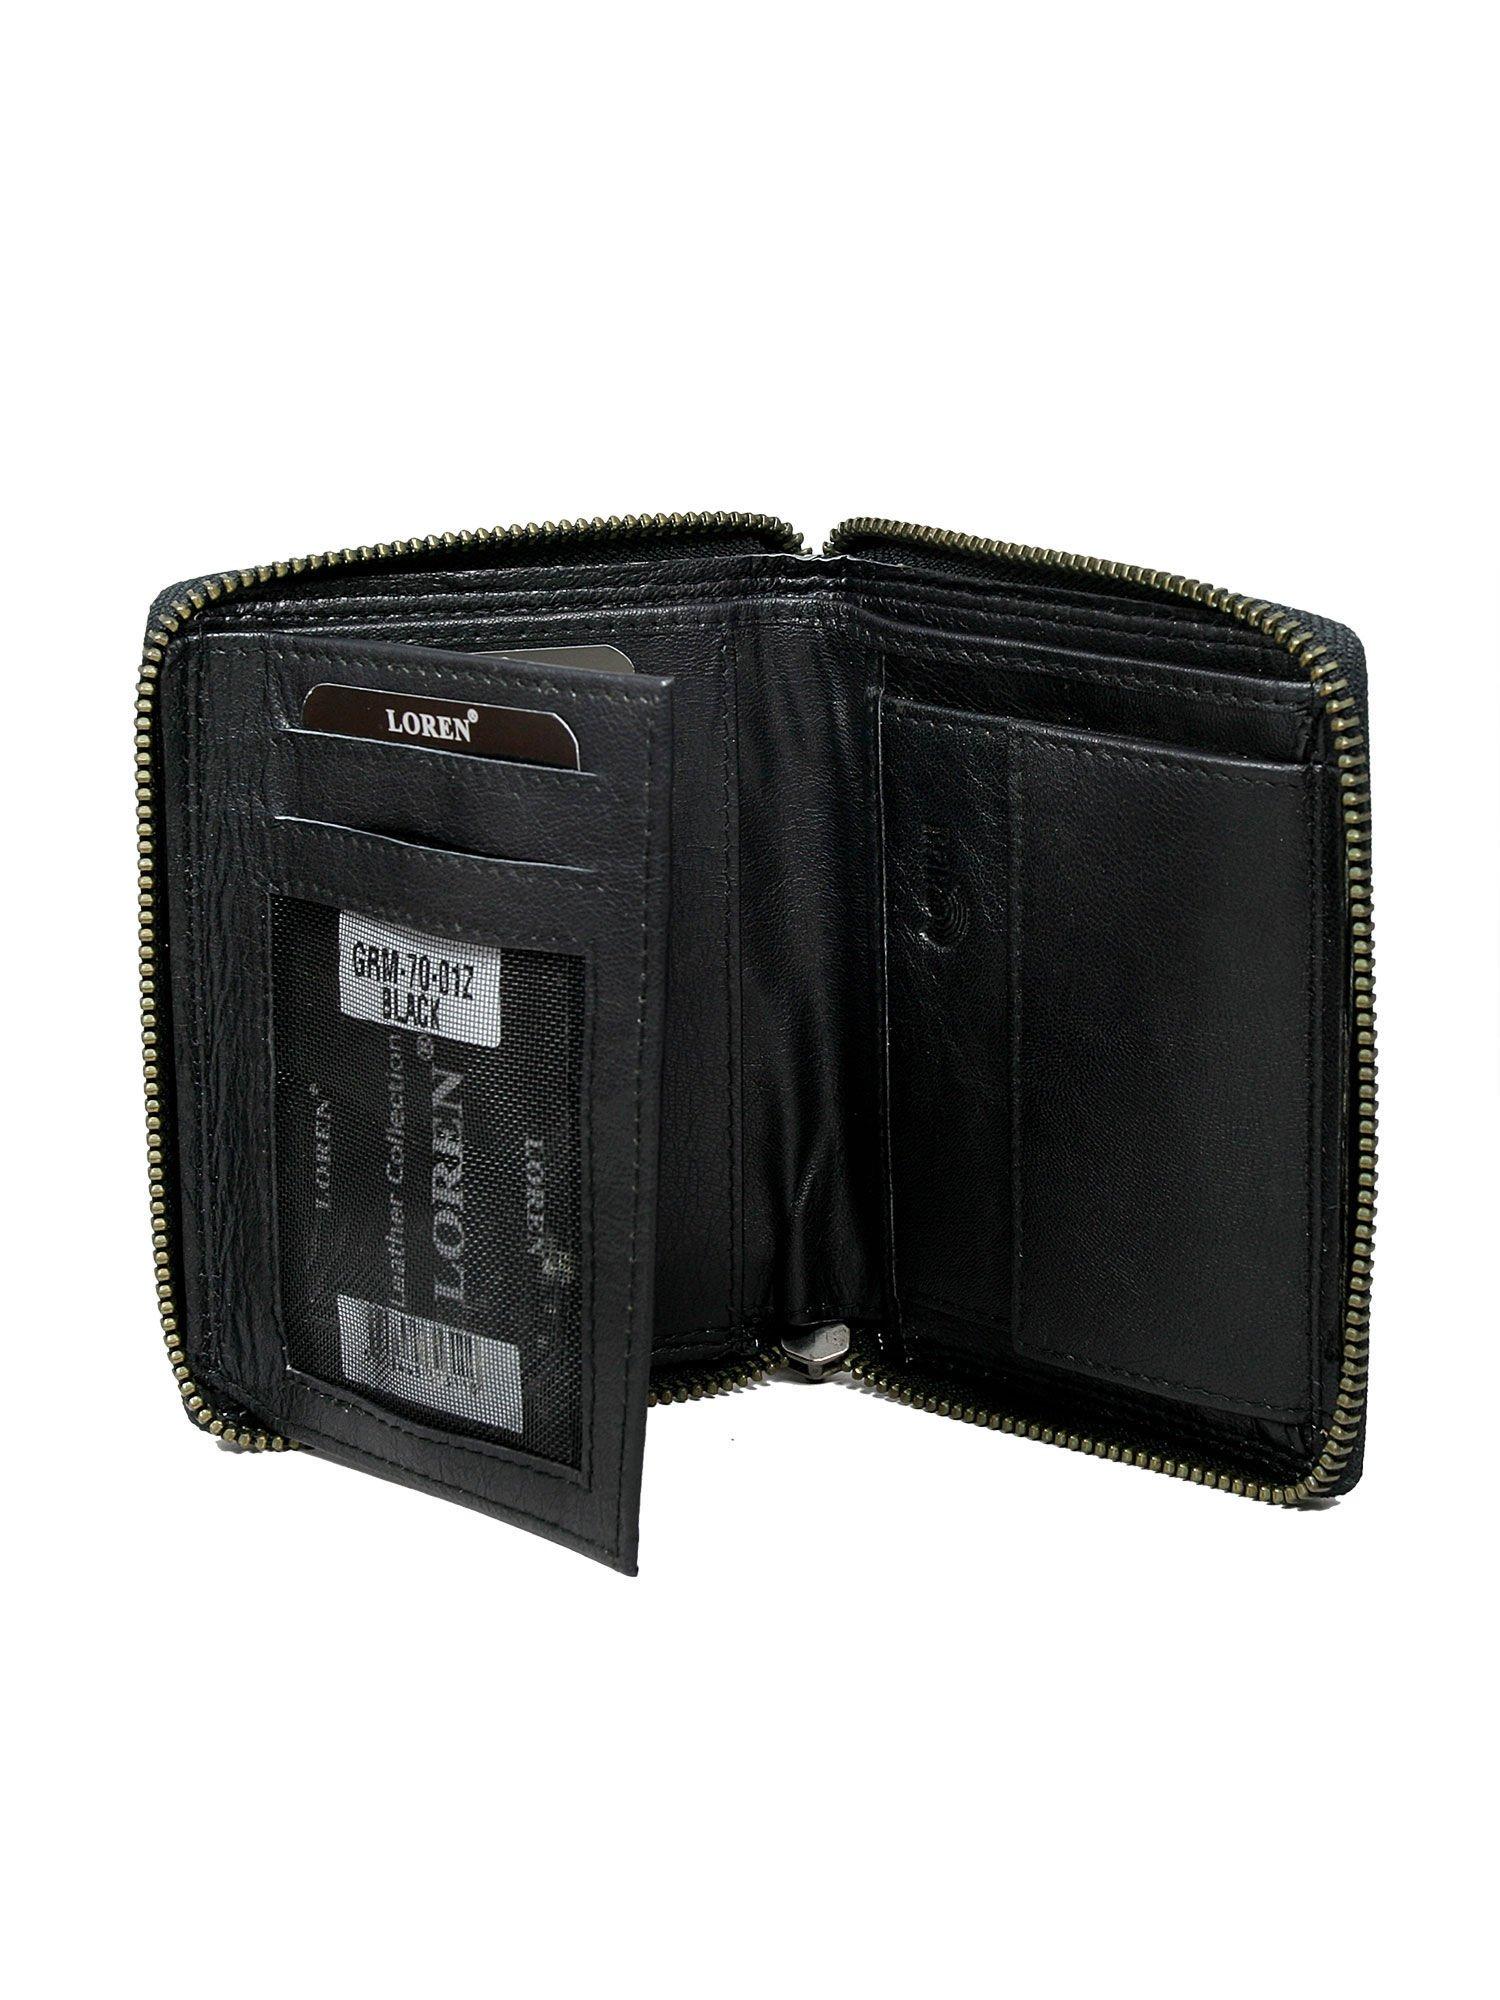 4d1b0d9b782db Czarny skórzany portfel męski zapinany na suwak - Mężczyźni portfel męski -  sklep eButik.pl